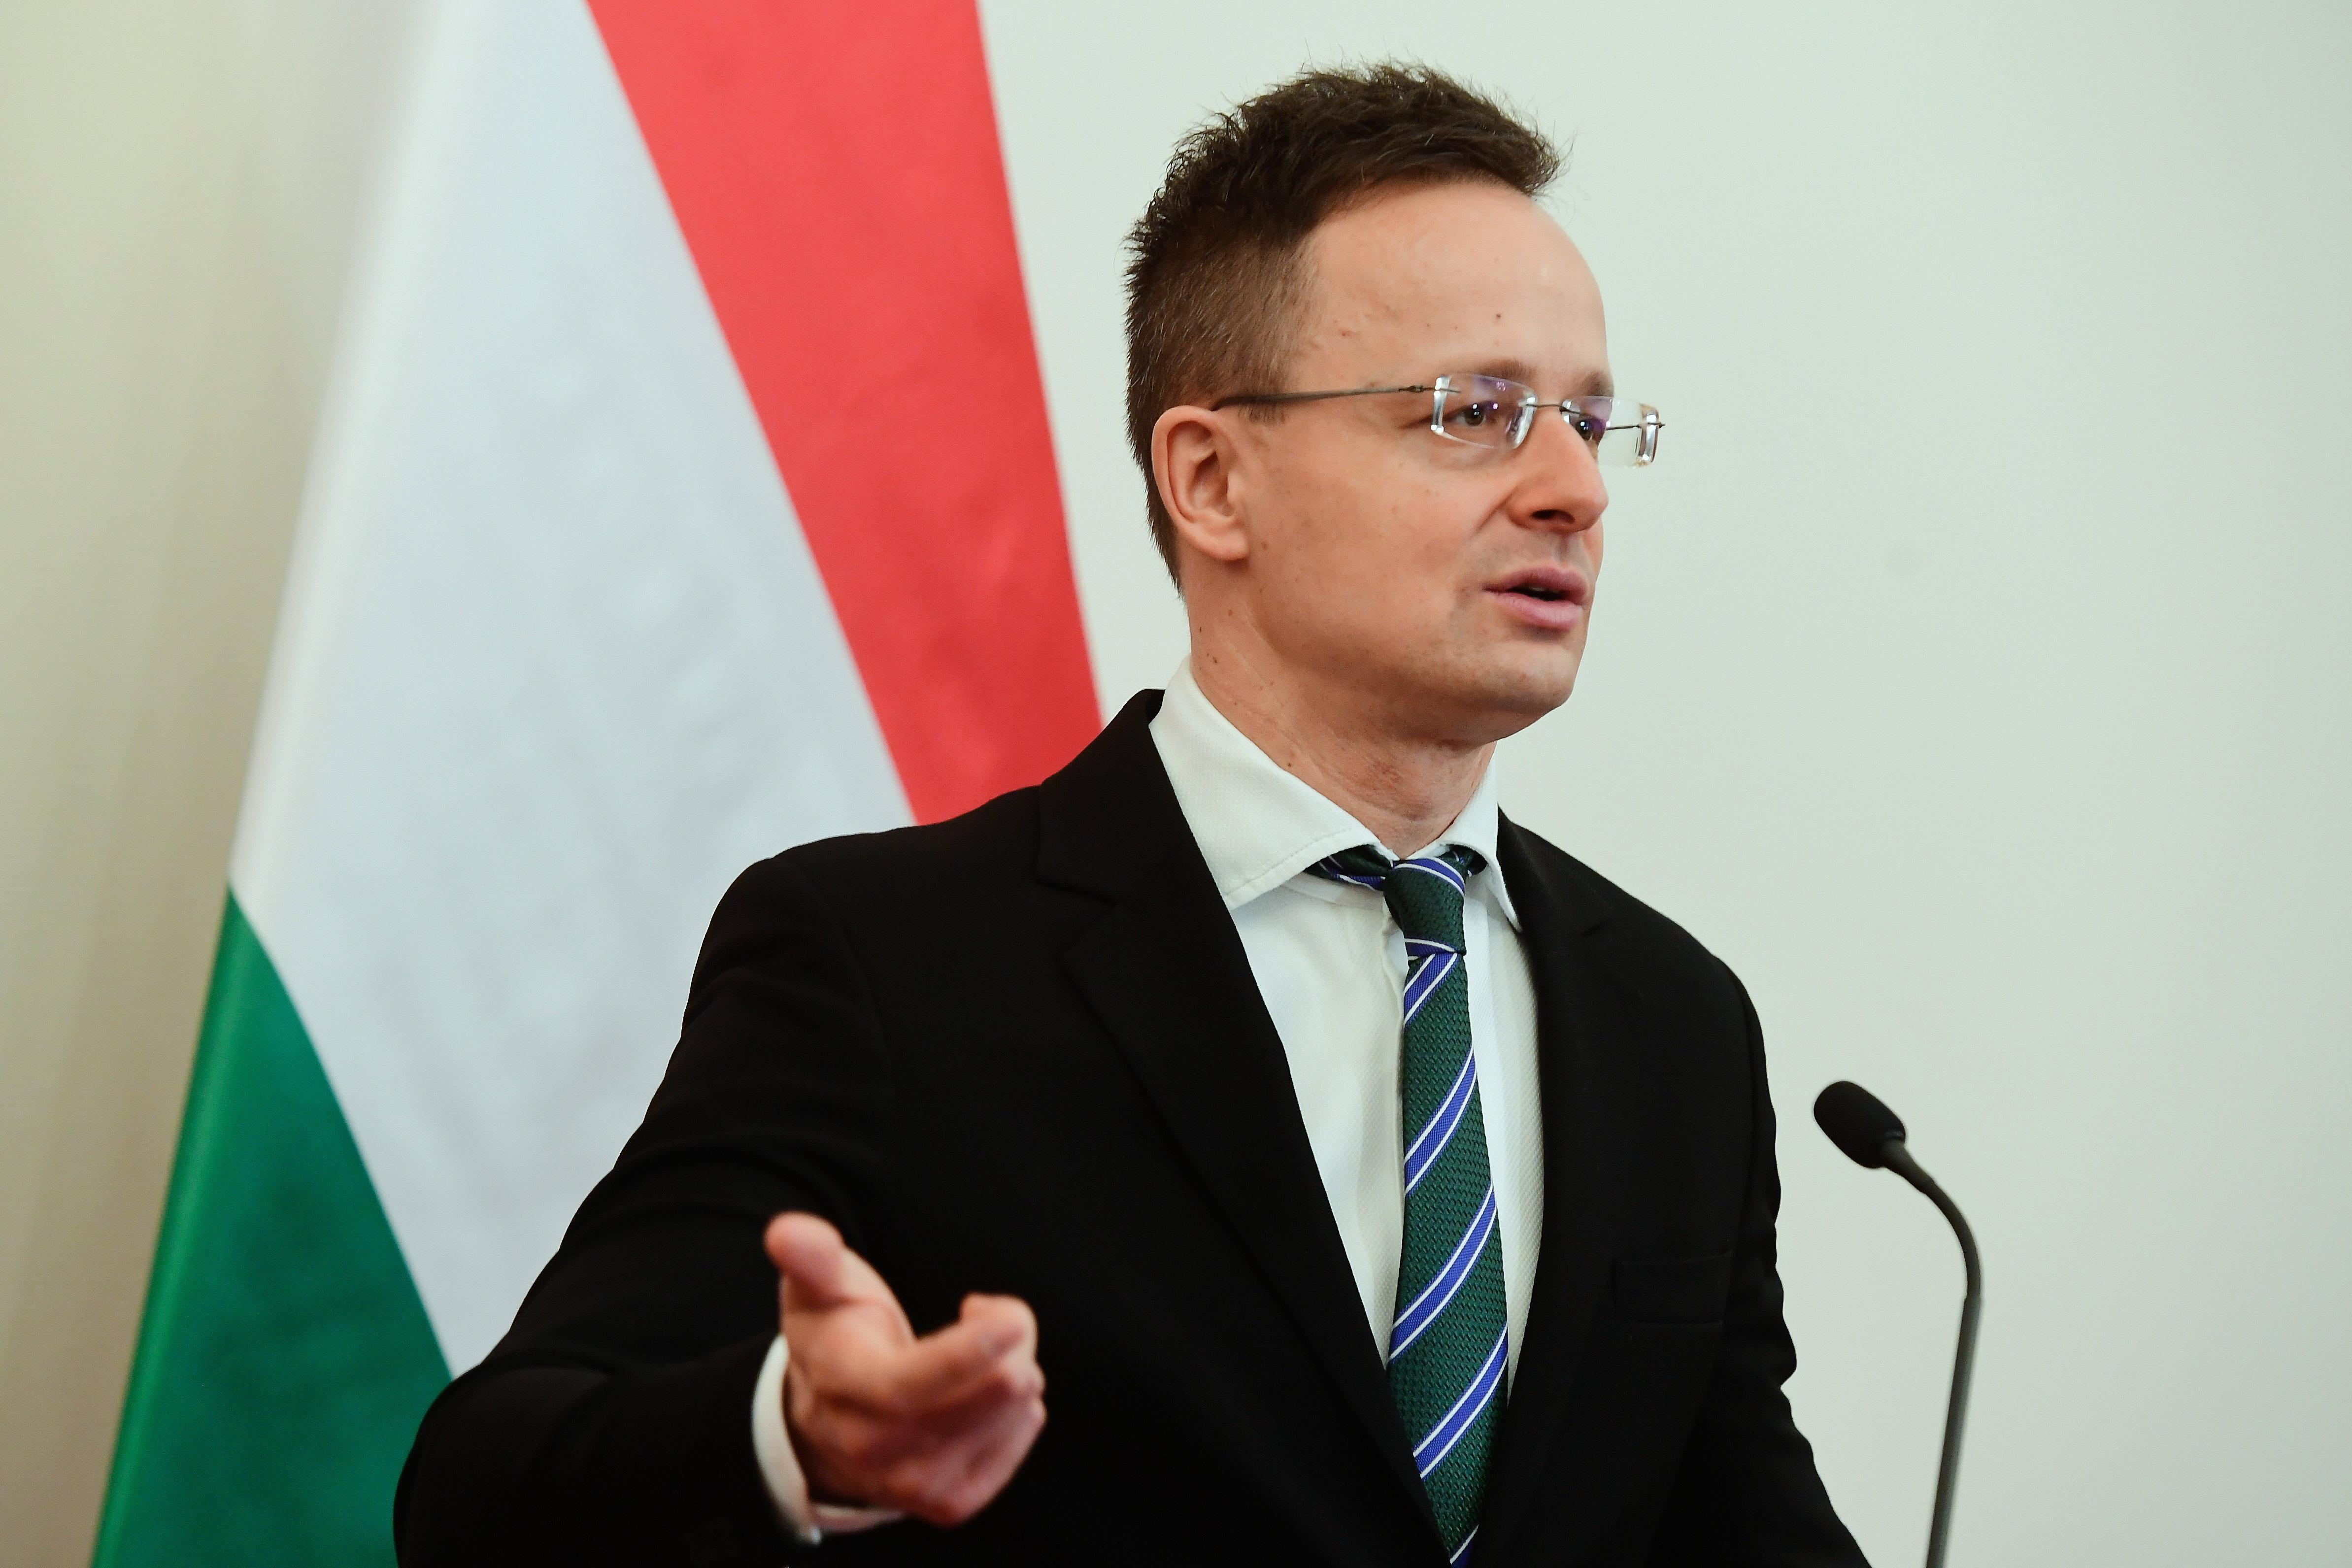 V4-es szolidaritás: csak Magyarország nem utasít ki orosz diplomatákat